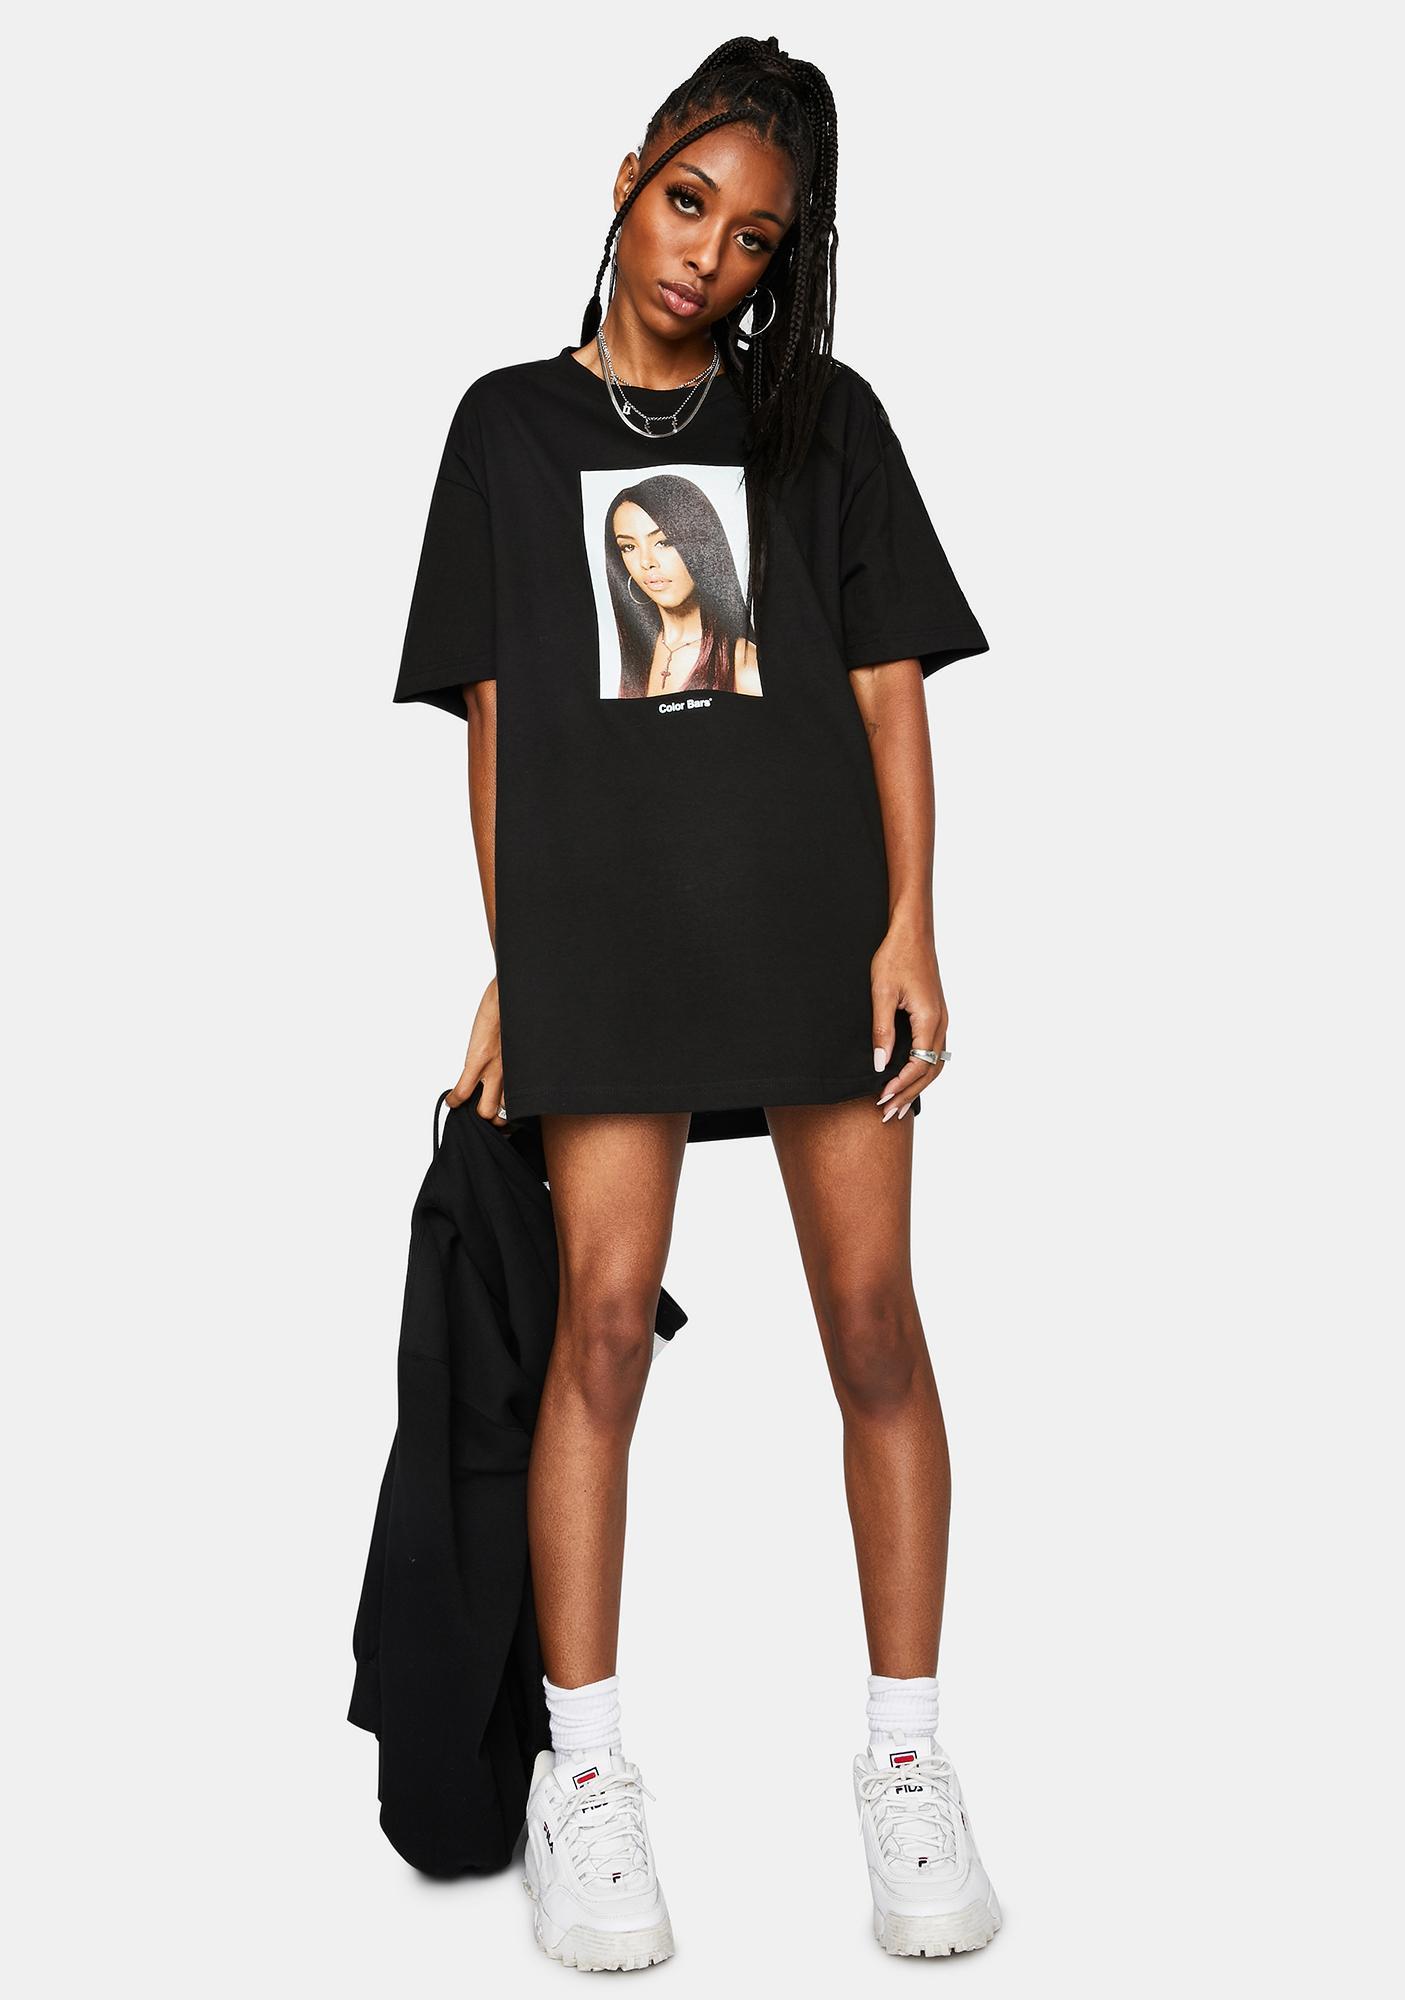 Color Bars x Aaliyah Portrait Tee